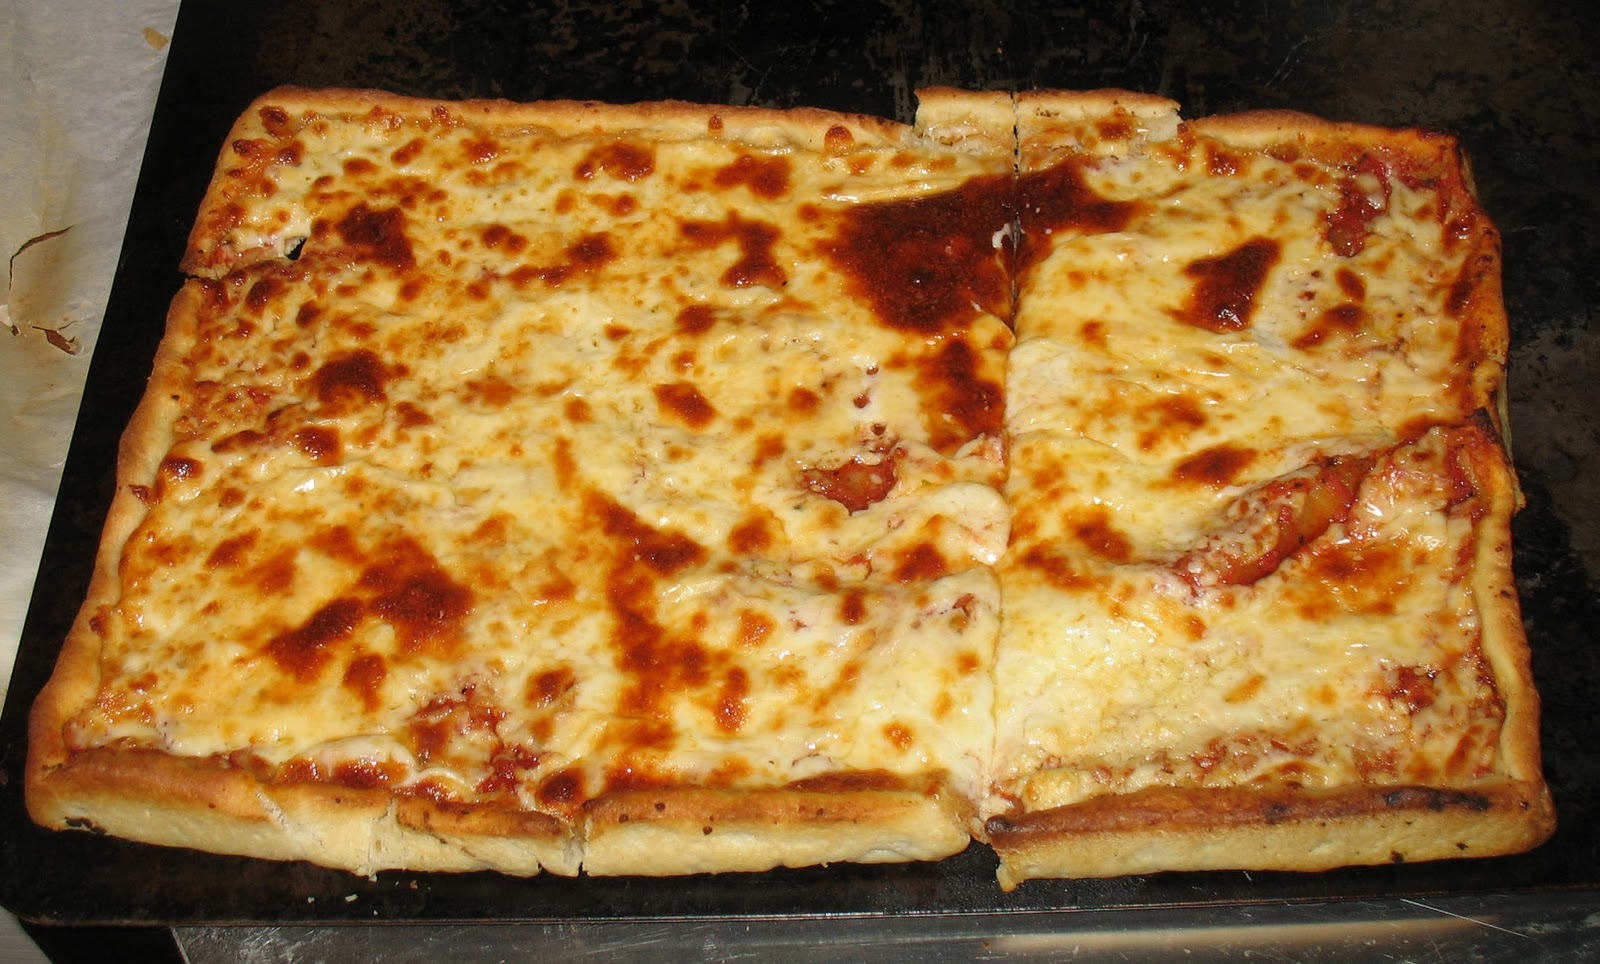 Cortese Restaurant Binghamton Ny